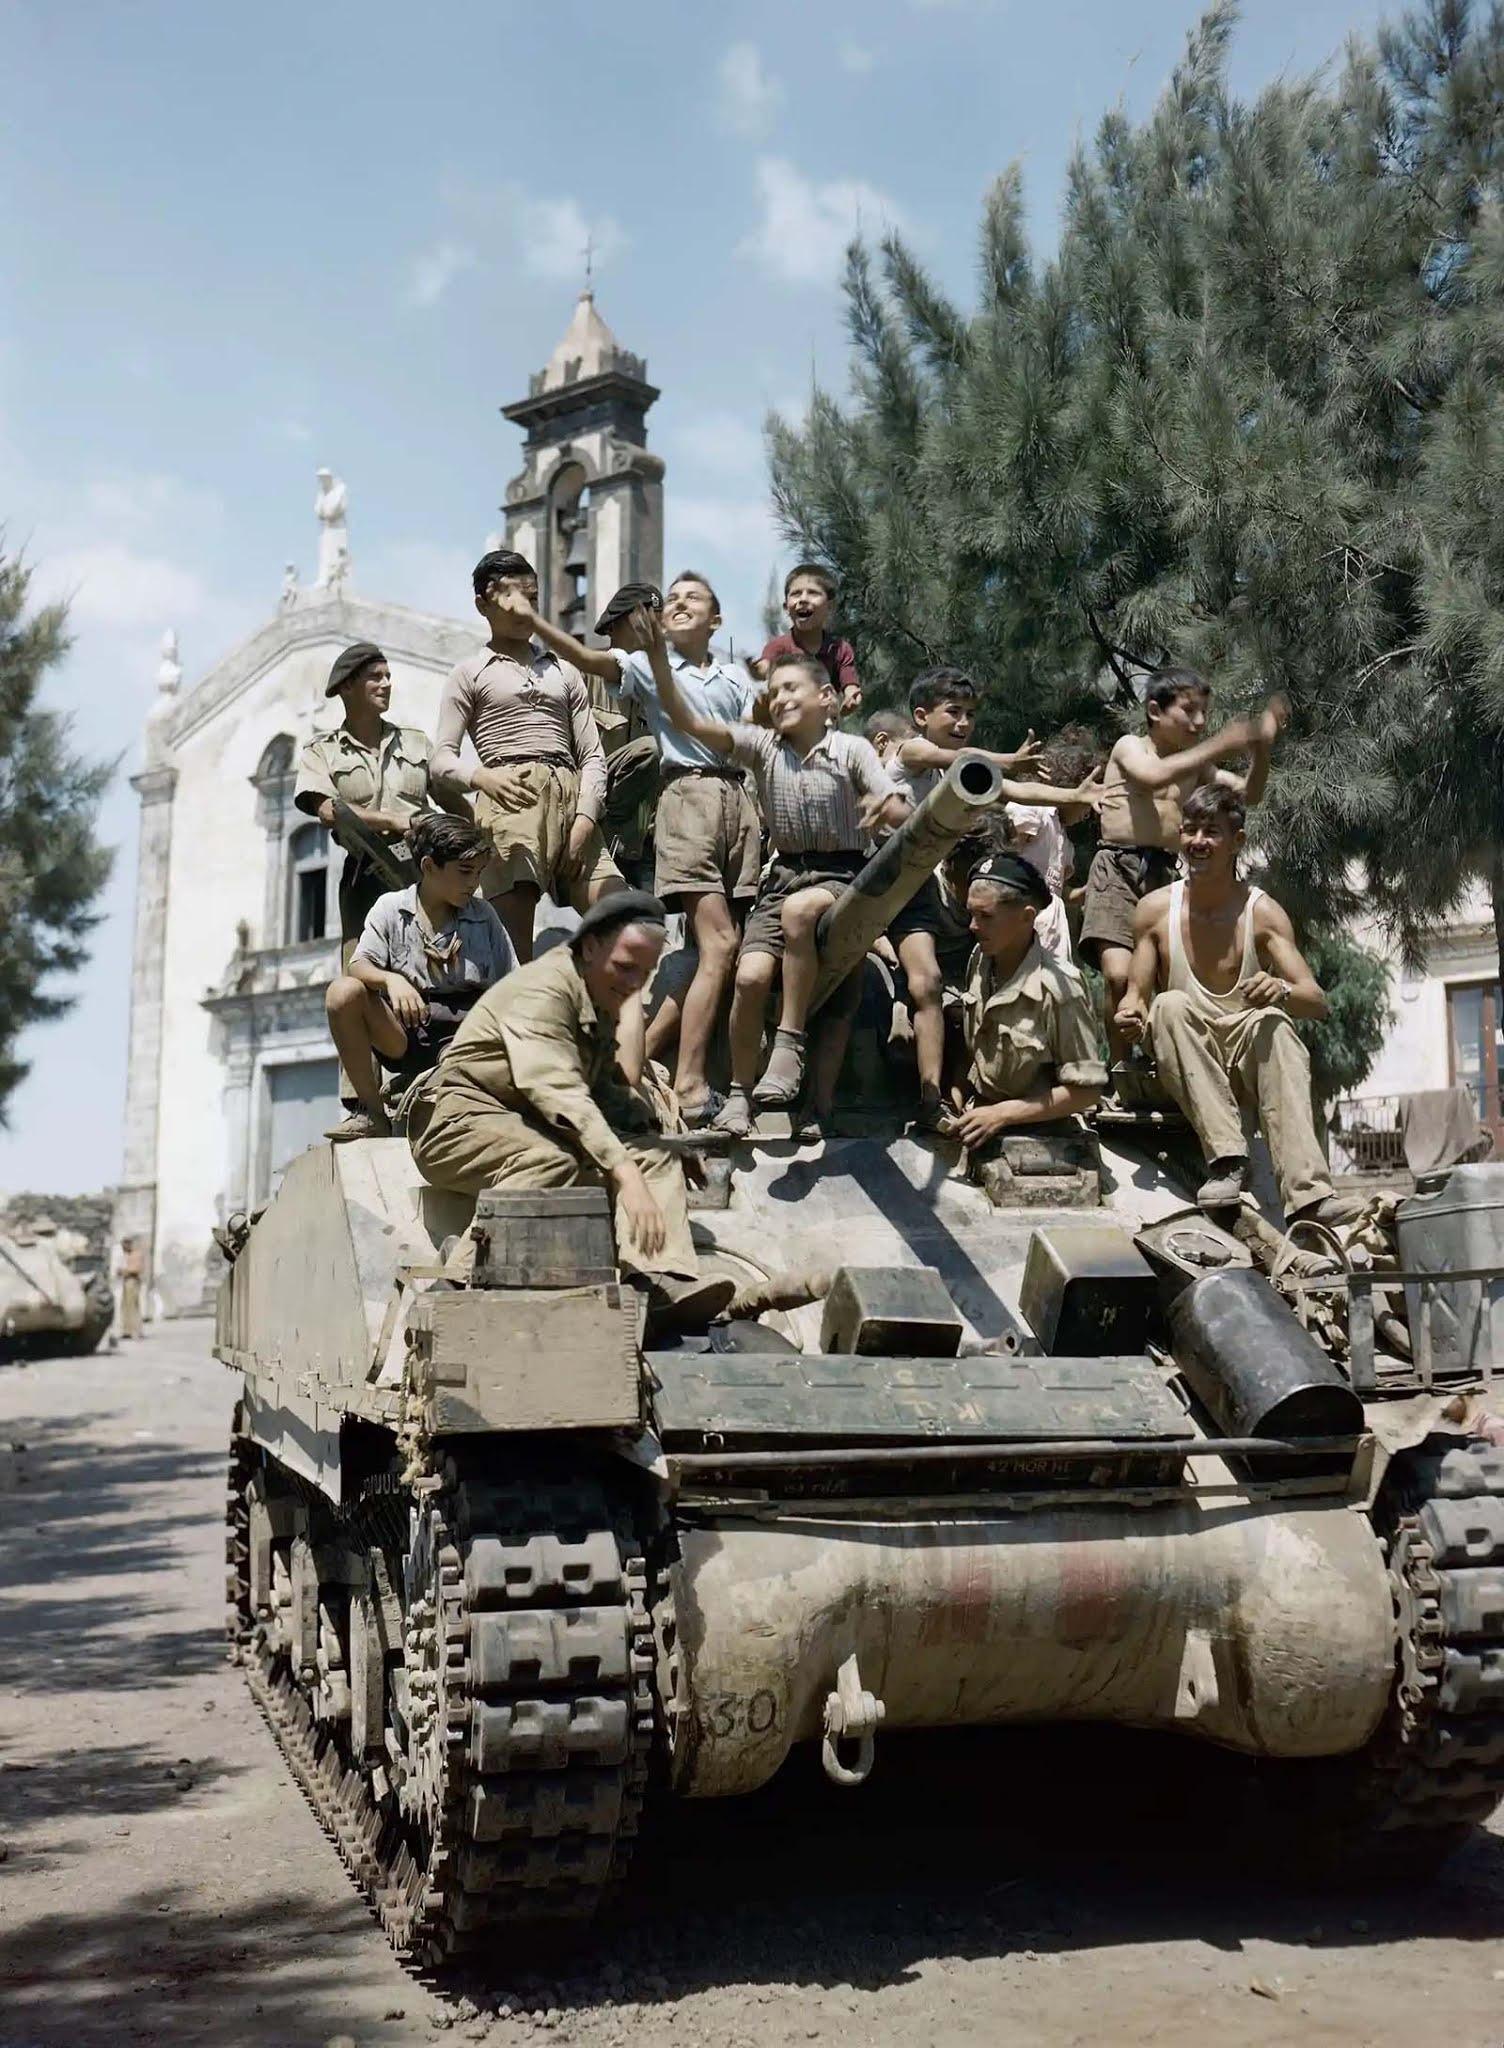 Gyermekek a szicíliai londoni Yeomanry 3. megyei Sherman harckocsijának fedélzetén, 1943. augusztus.